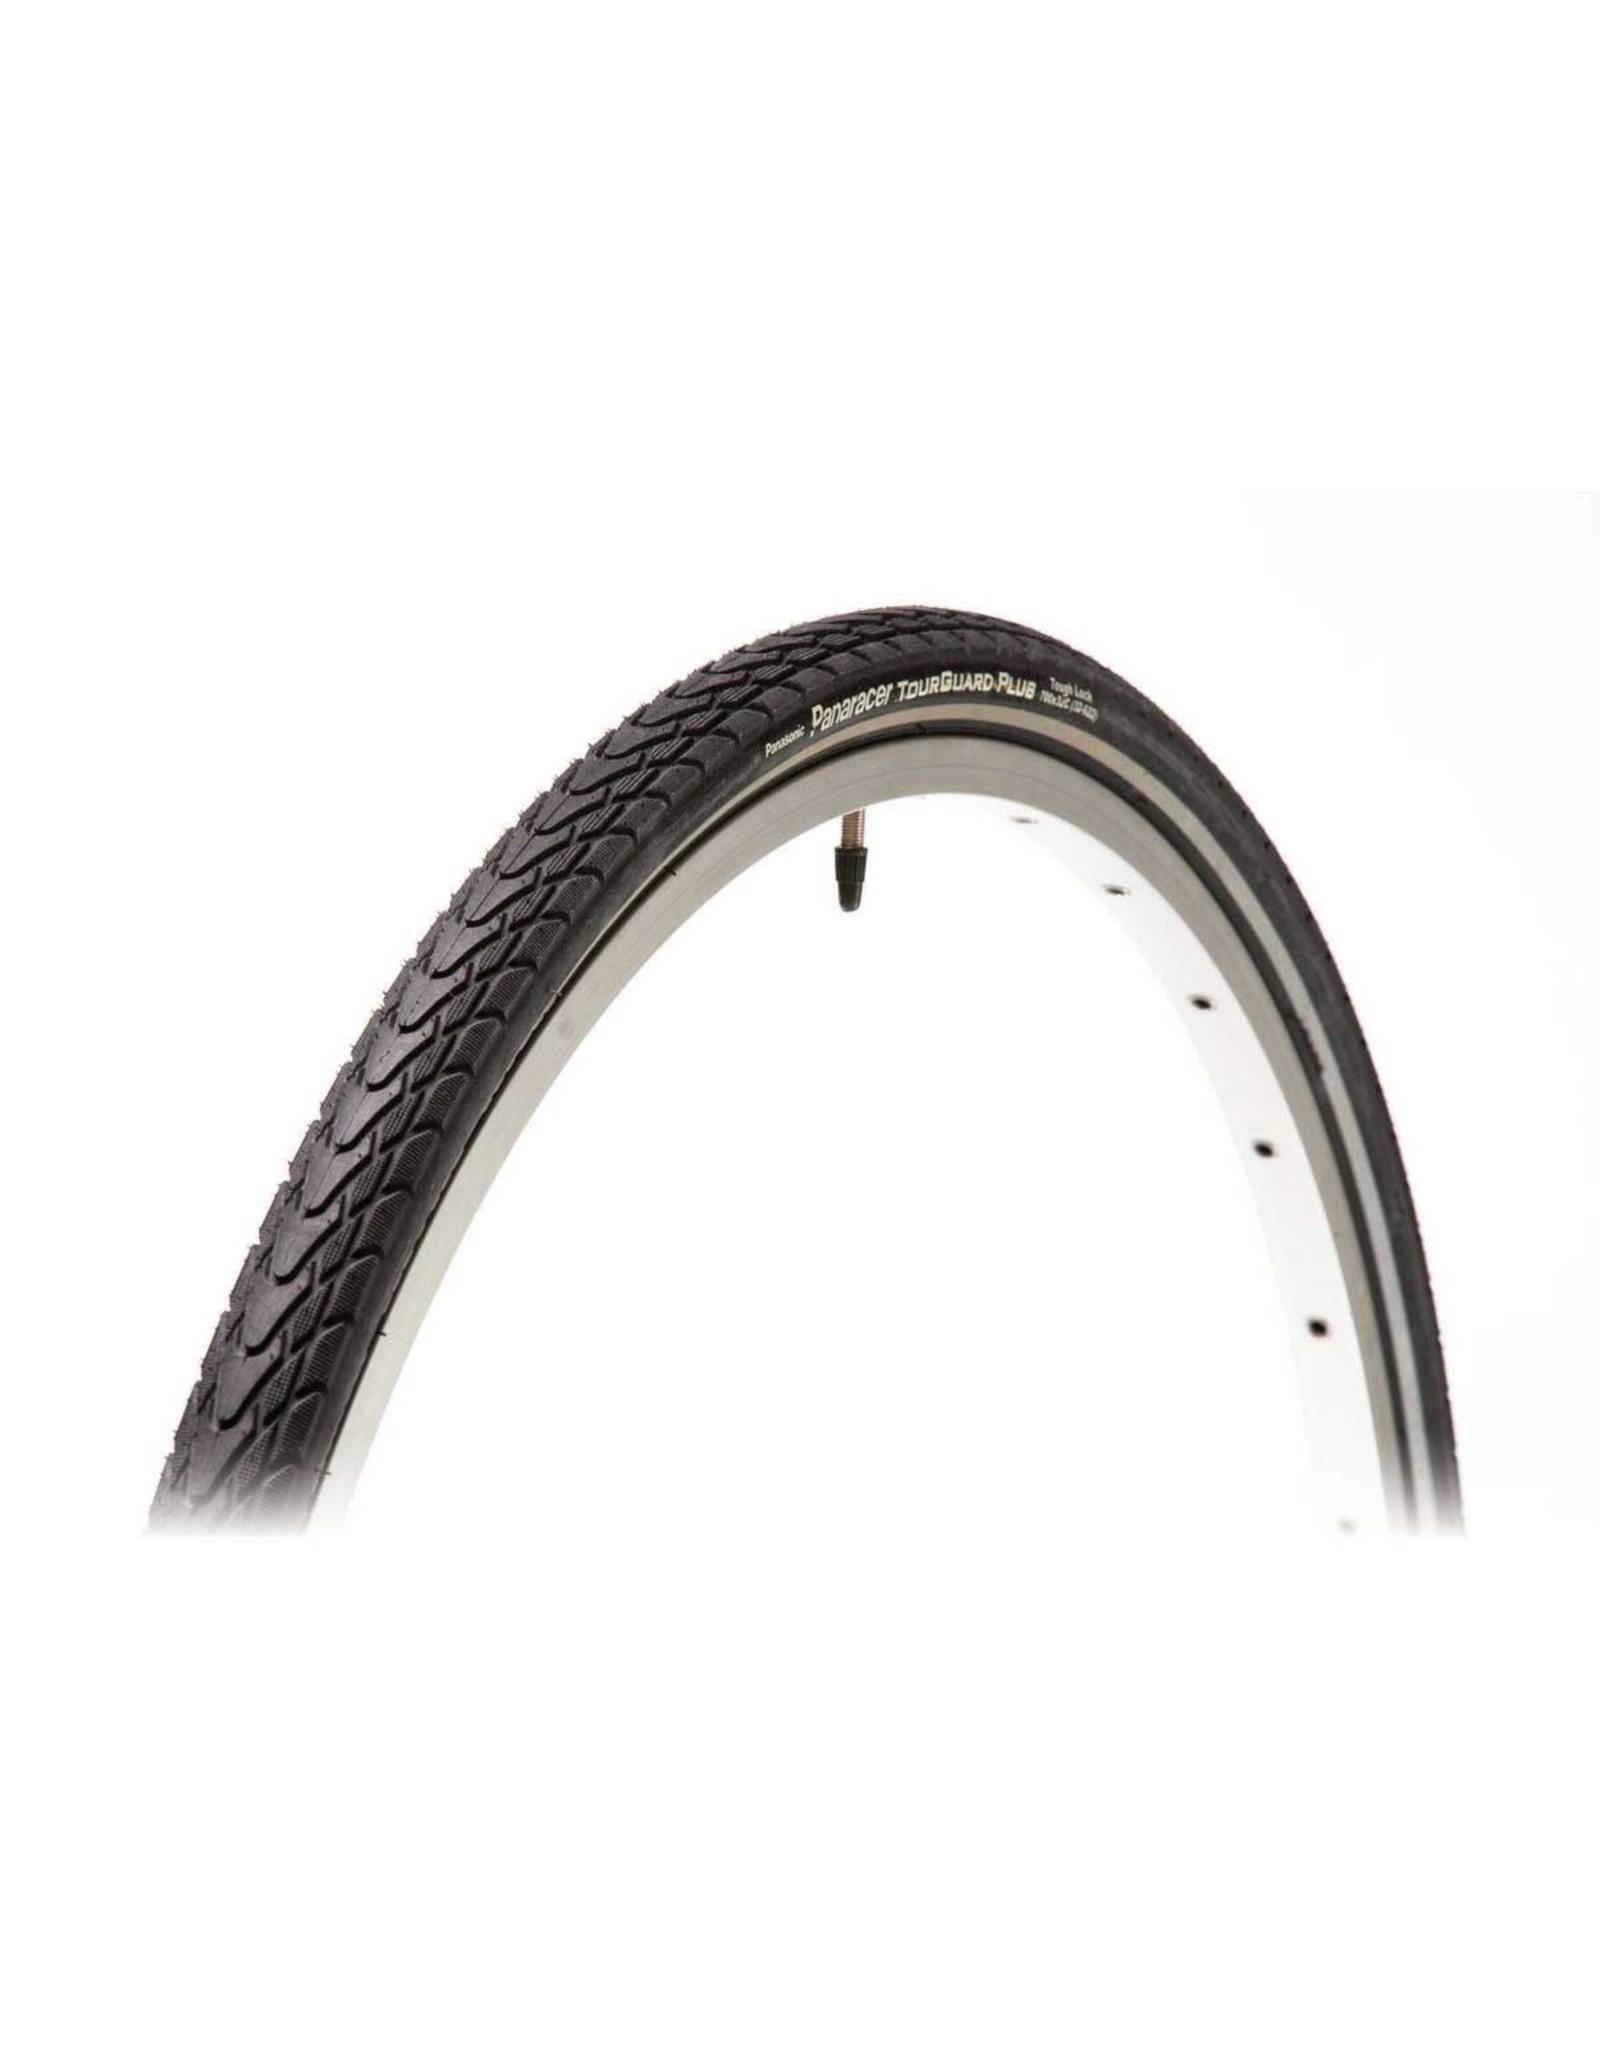 Panaracer Tyre Tour Guard Plus 700 x 28